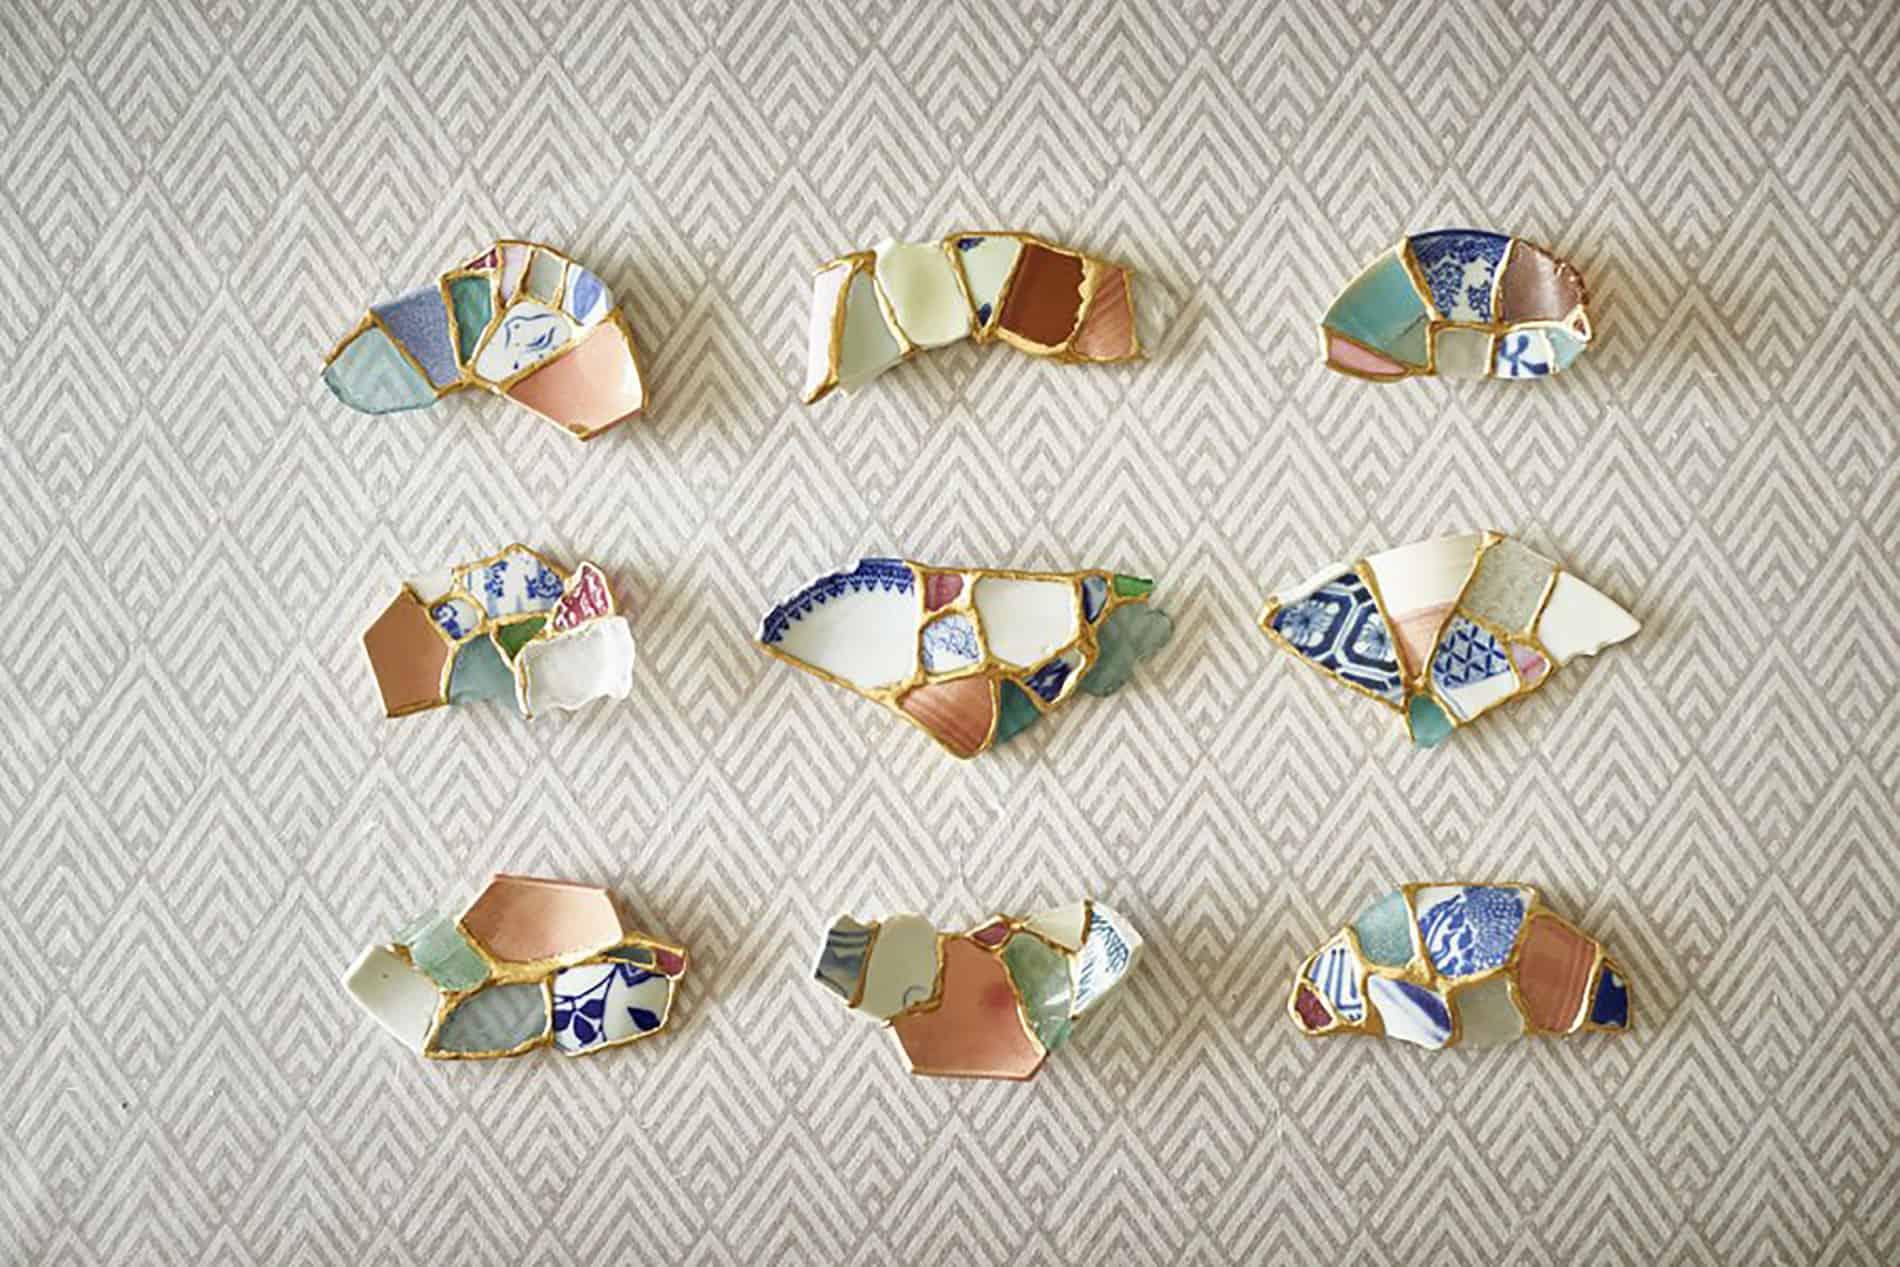 Arte Giapponese Del Kintsugi kintsugi   l'arte di riparare con l'oro   unprogetto